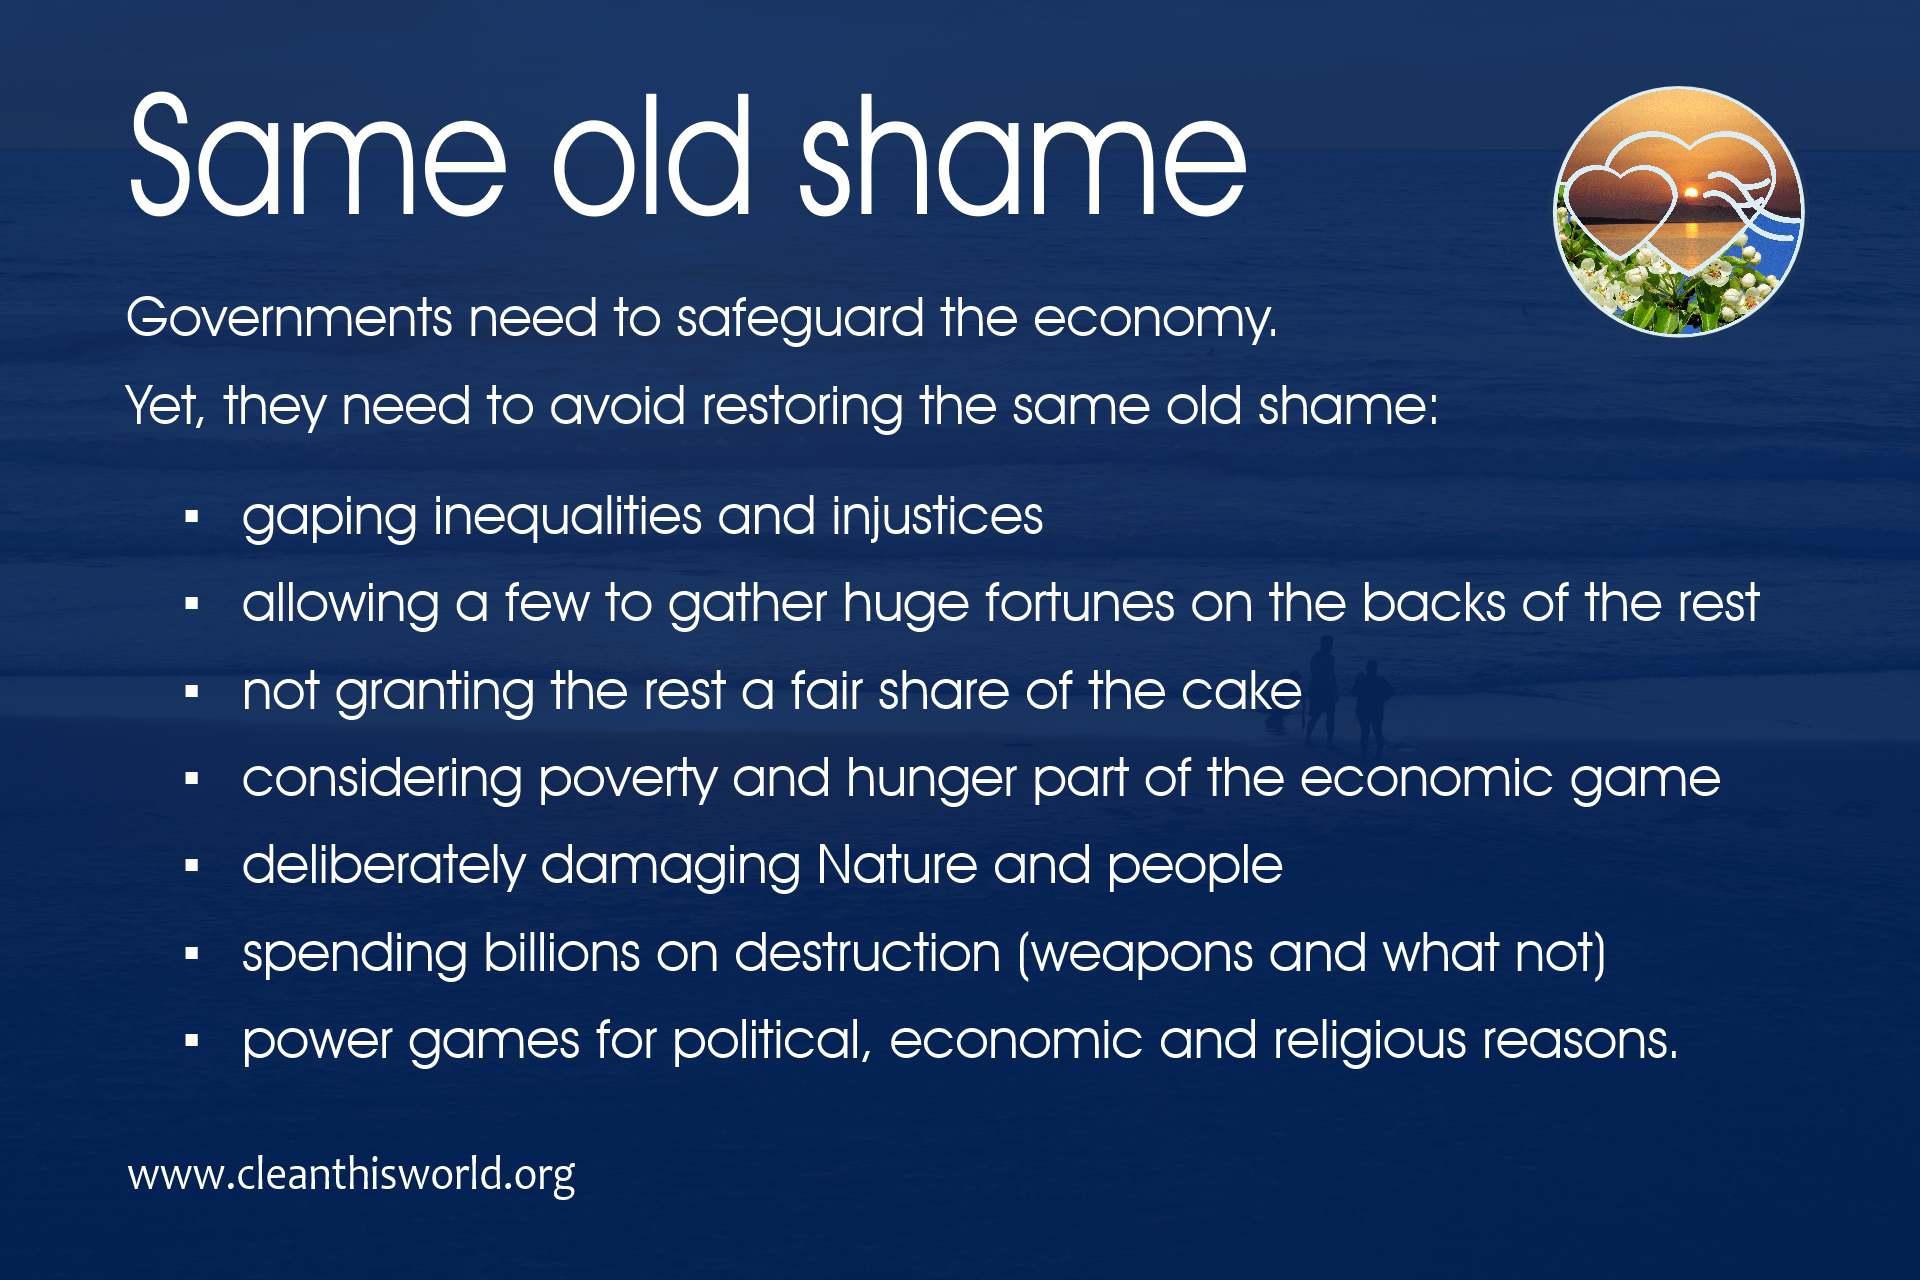 Same old shame